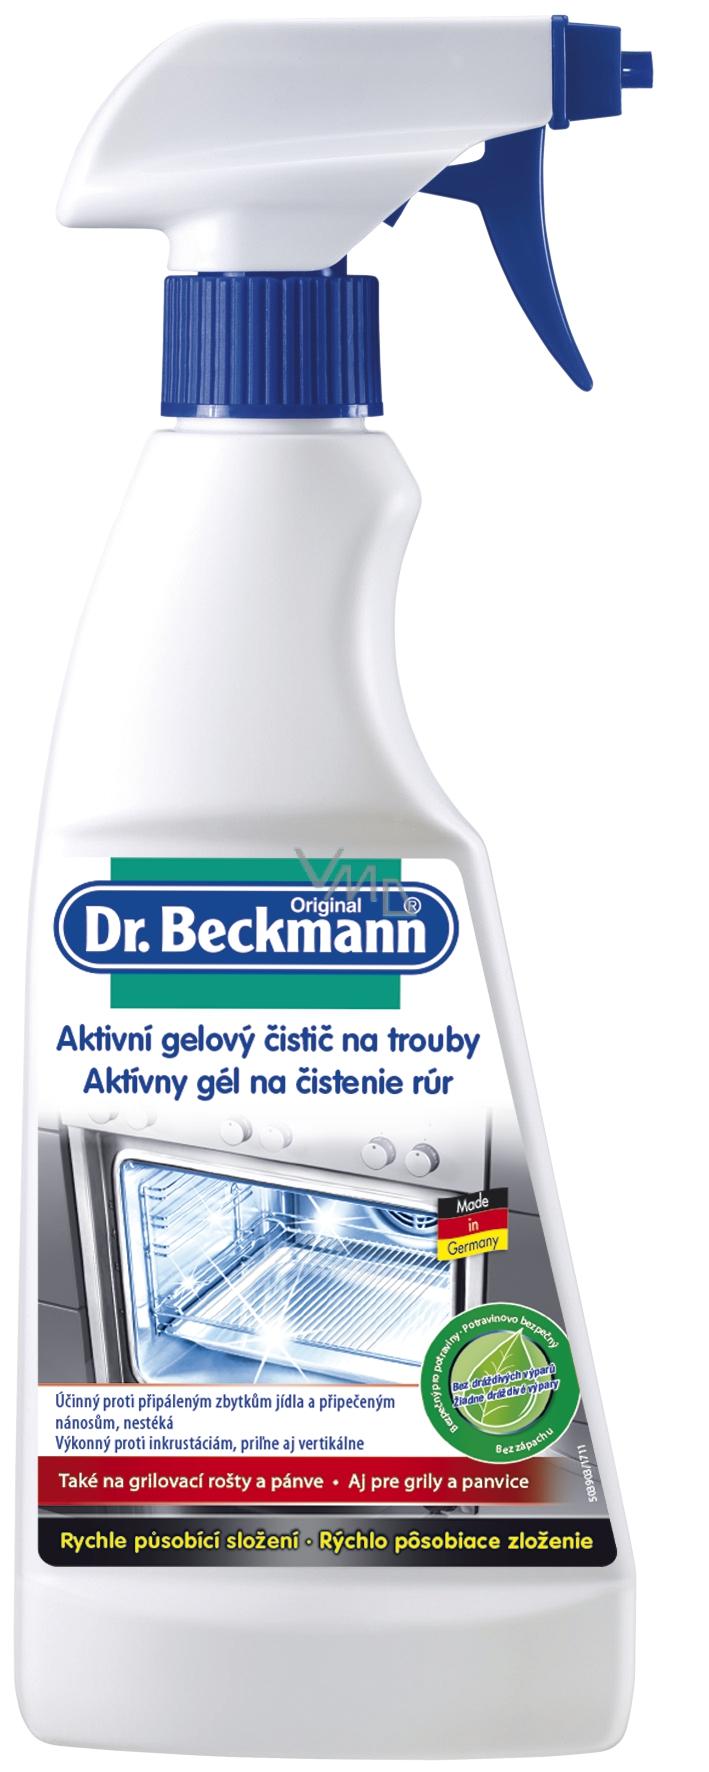 Dr. Beckmann Aktiv-Gel für Öfen, Grills und Öfen, 375 ml